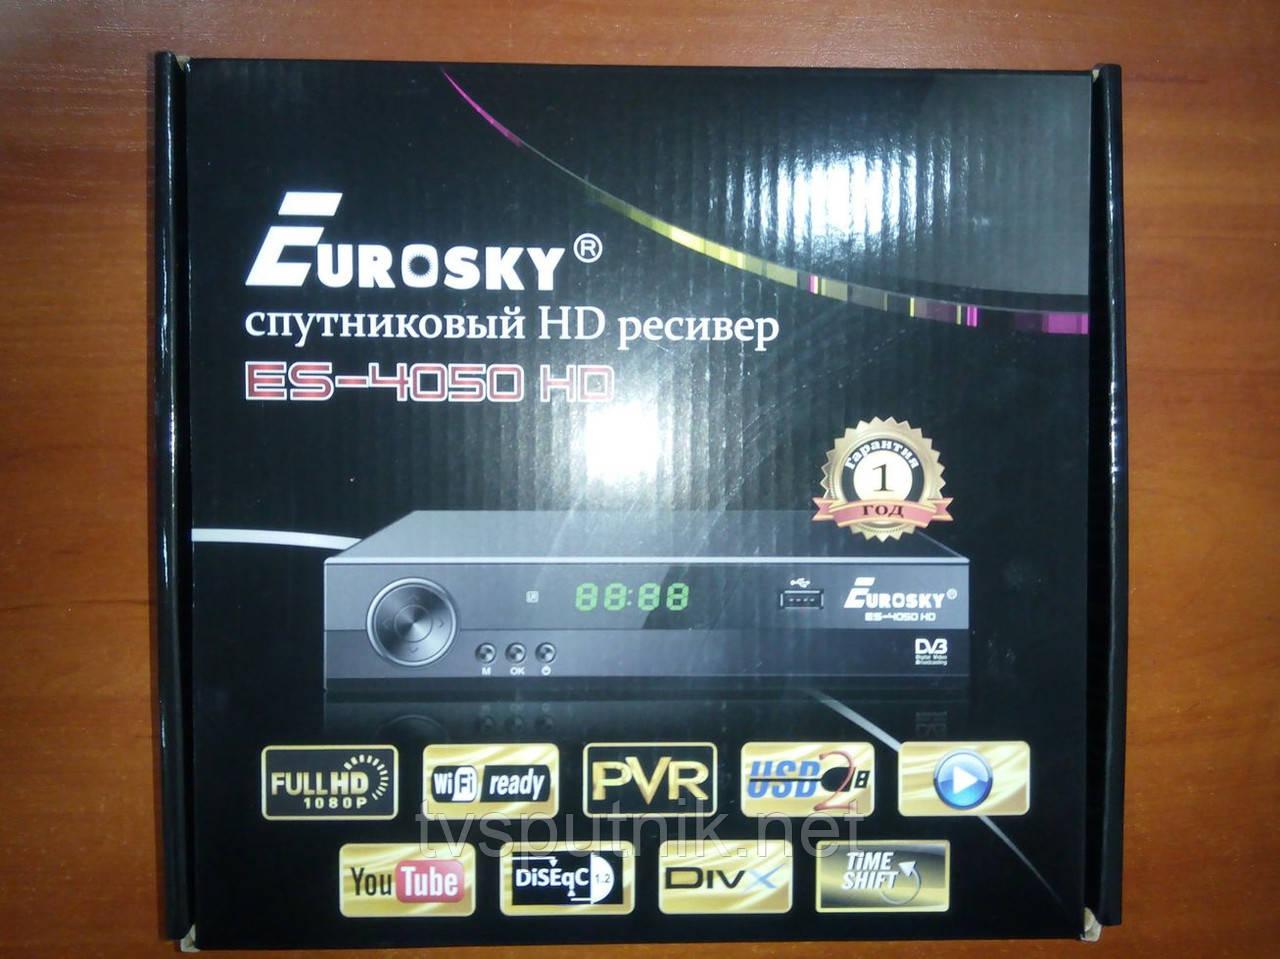 Спутниковый HD ресивер Eurosky ES-4050HD (прошитый с каналами)